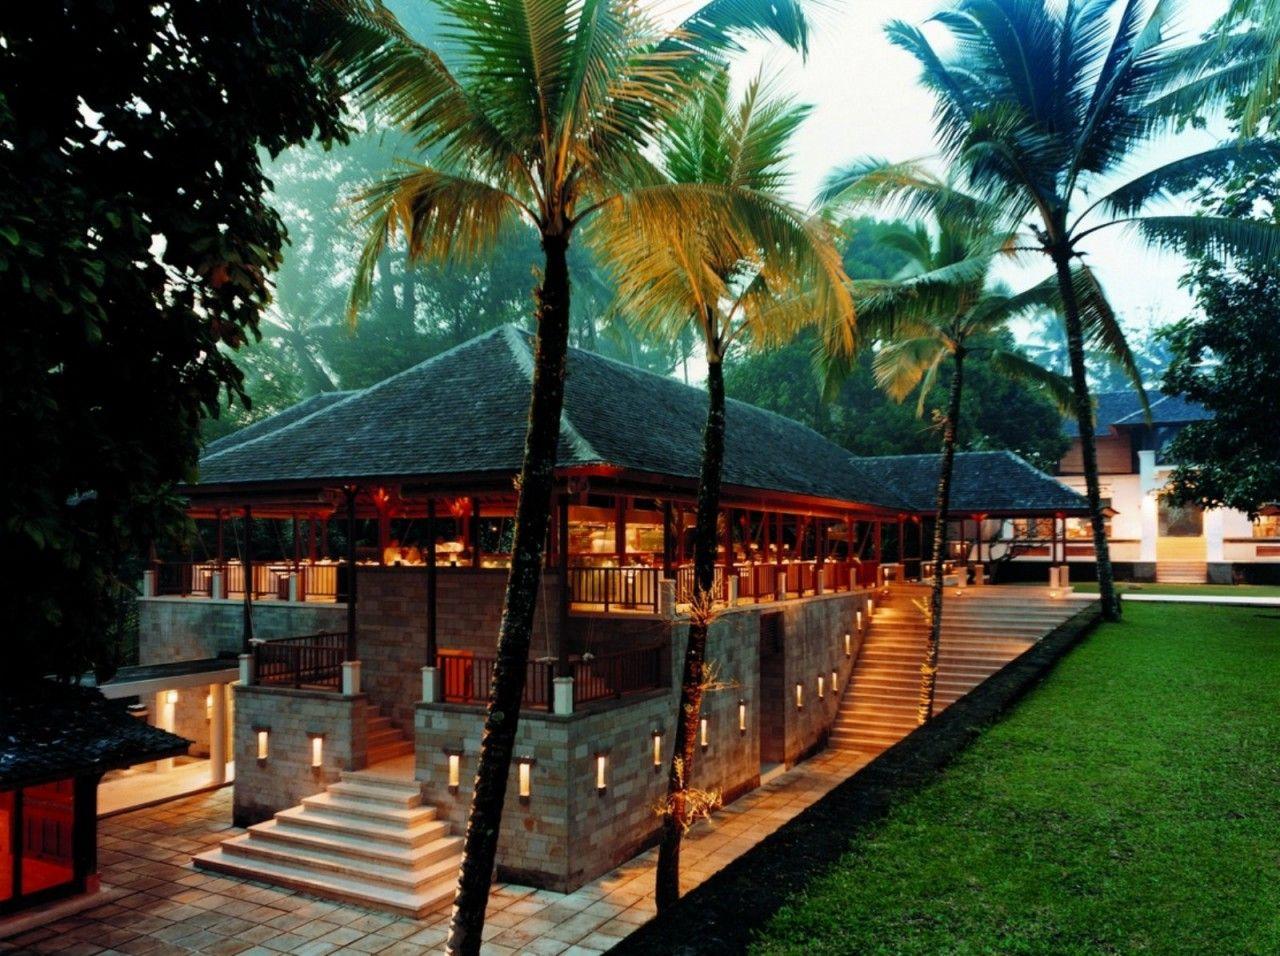 Rumah Adat Bali Minimalis Modern Baru Ok Info Bisnis Properti Ubud Resor Hotel Mewah